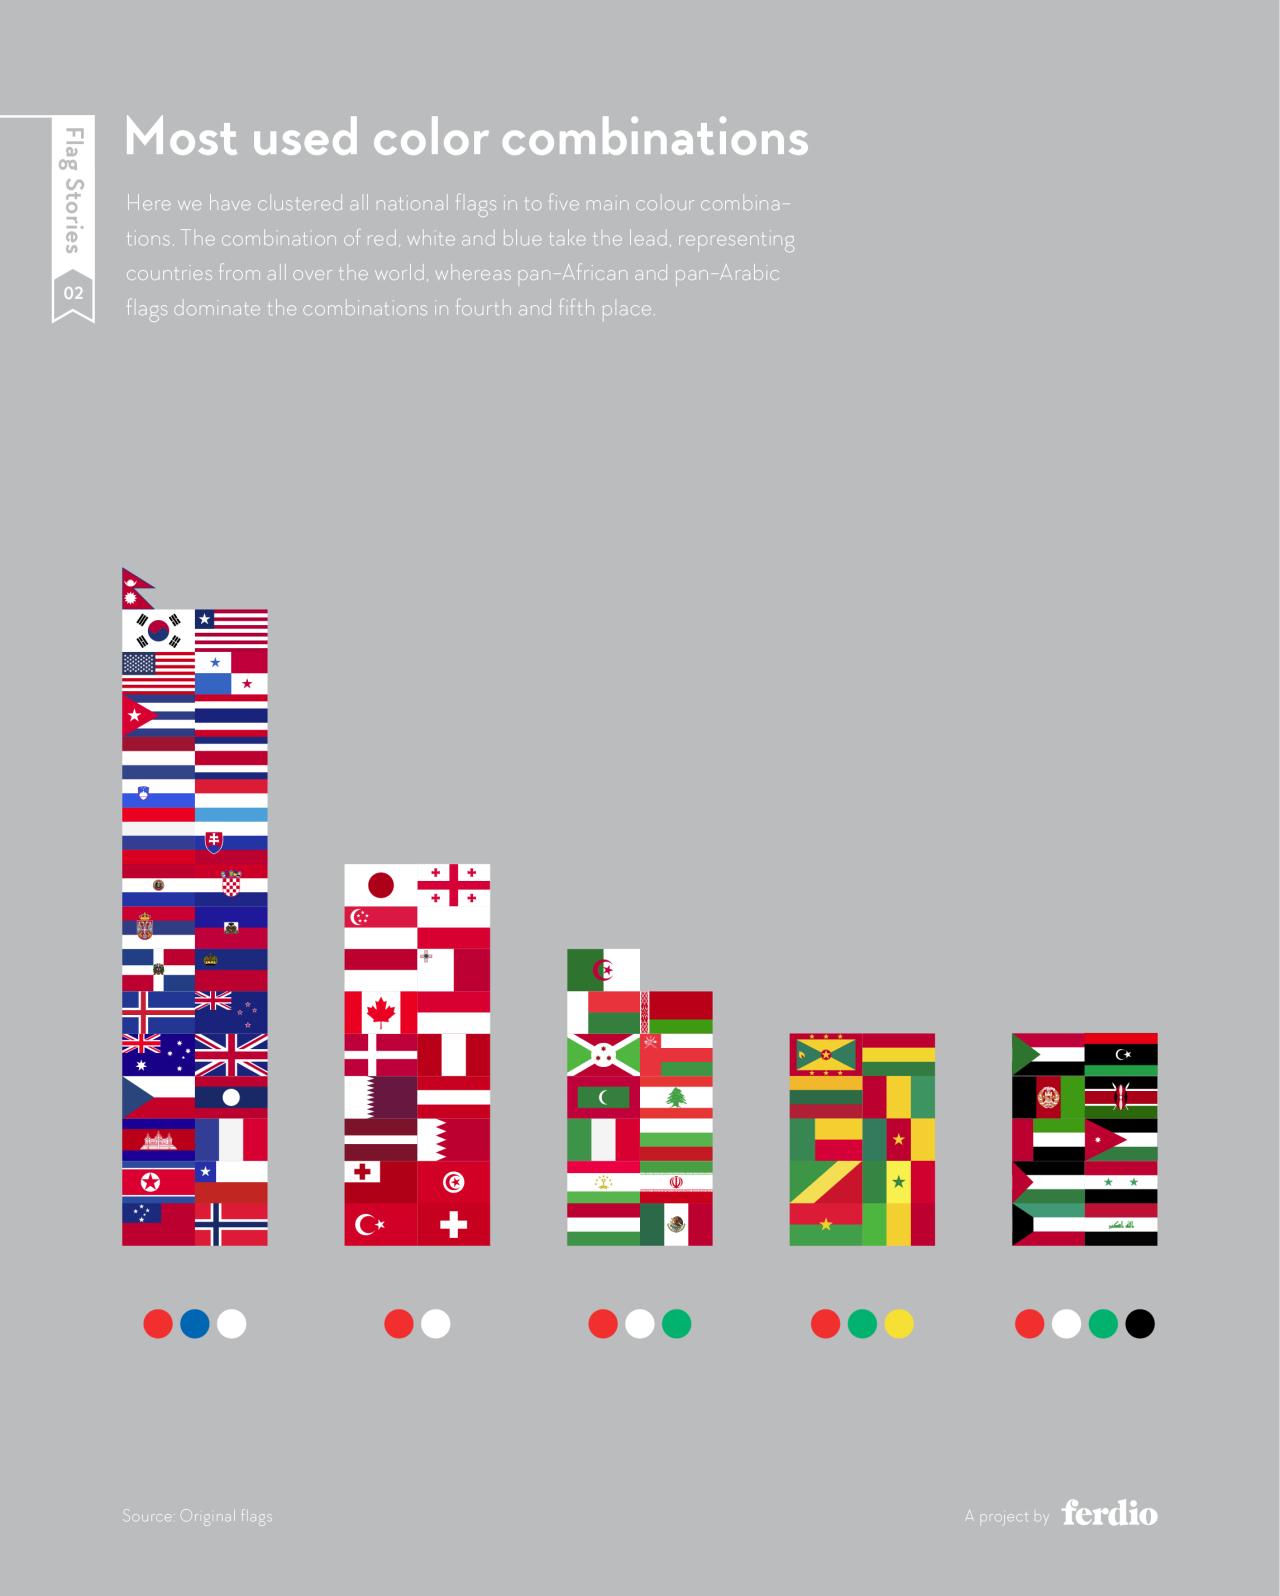 インフォグラフィック:国旗の持つ色の意味。世界で一番利用される国旗記号や色は何?